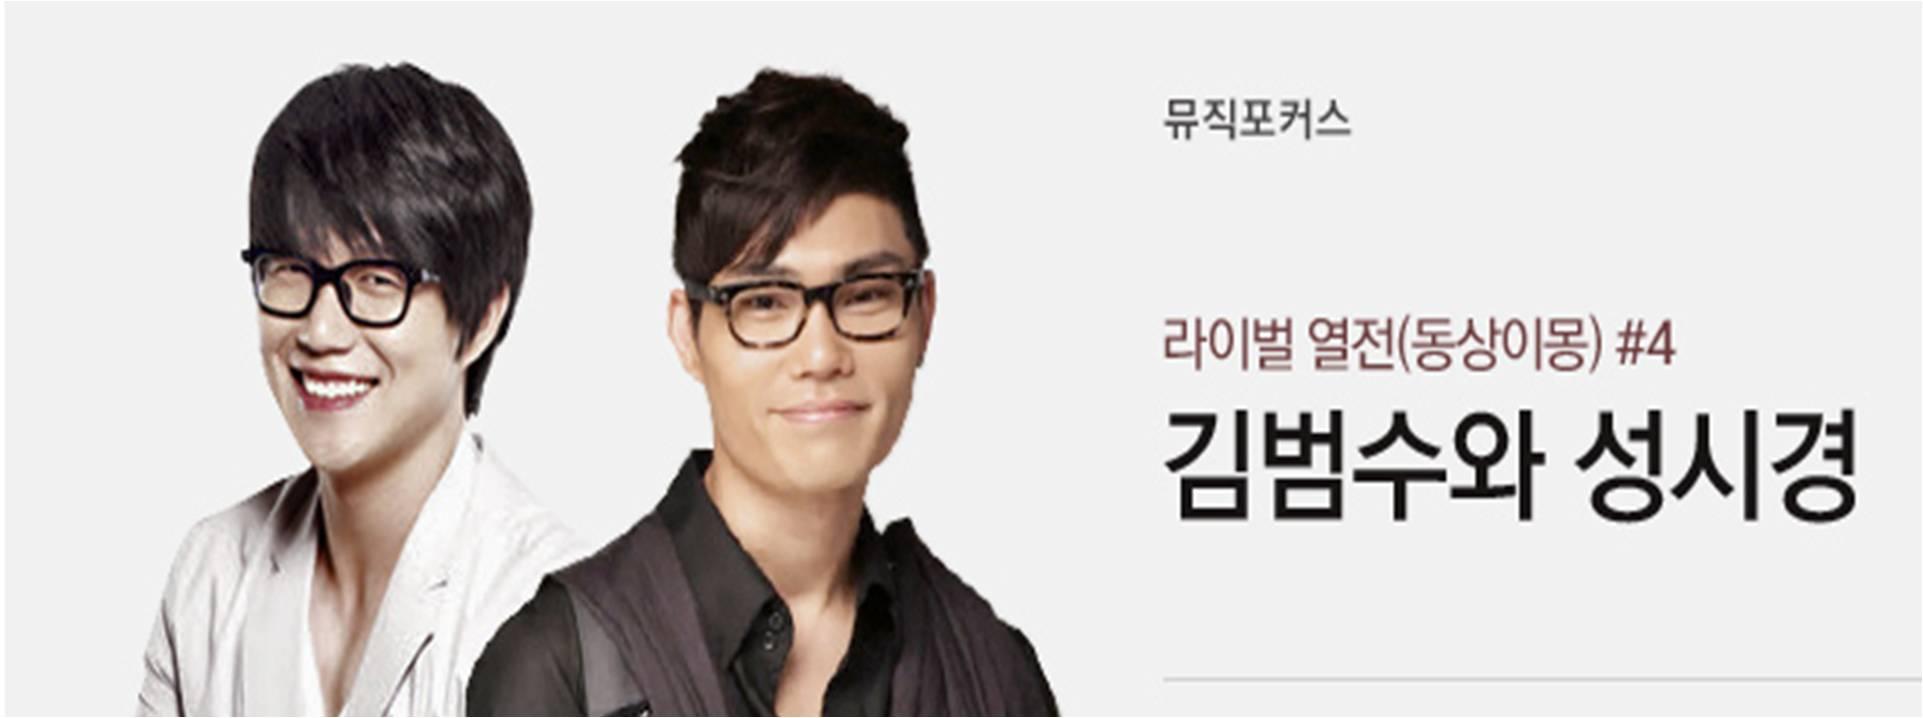 [라이벌열전(동상이몽)] 김범수와 성시경 편